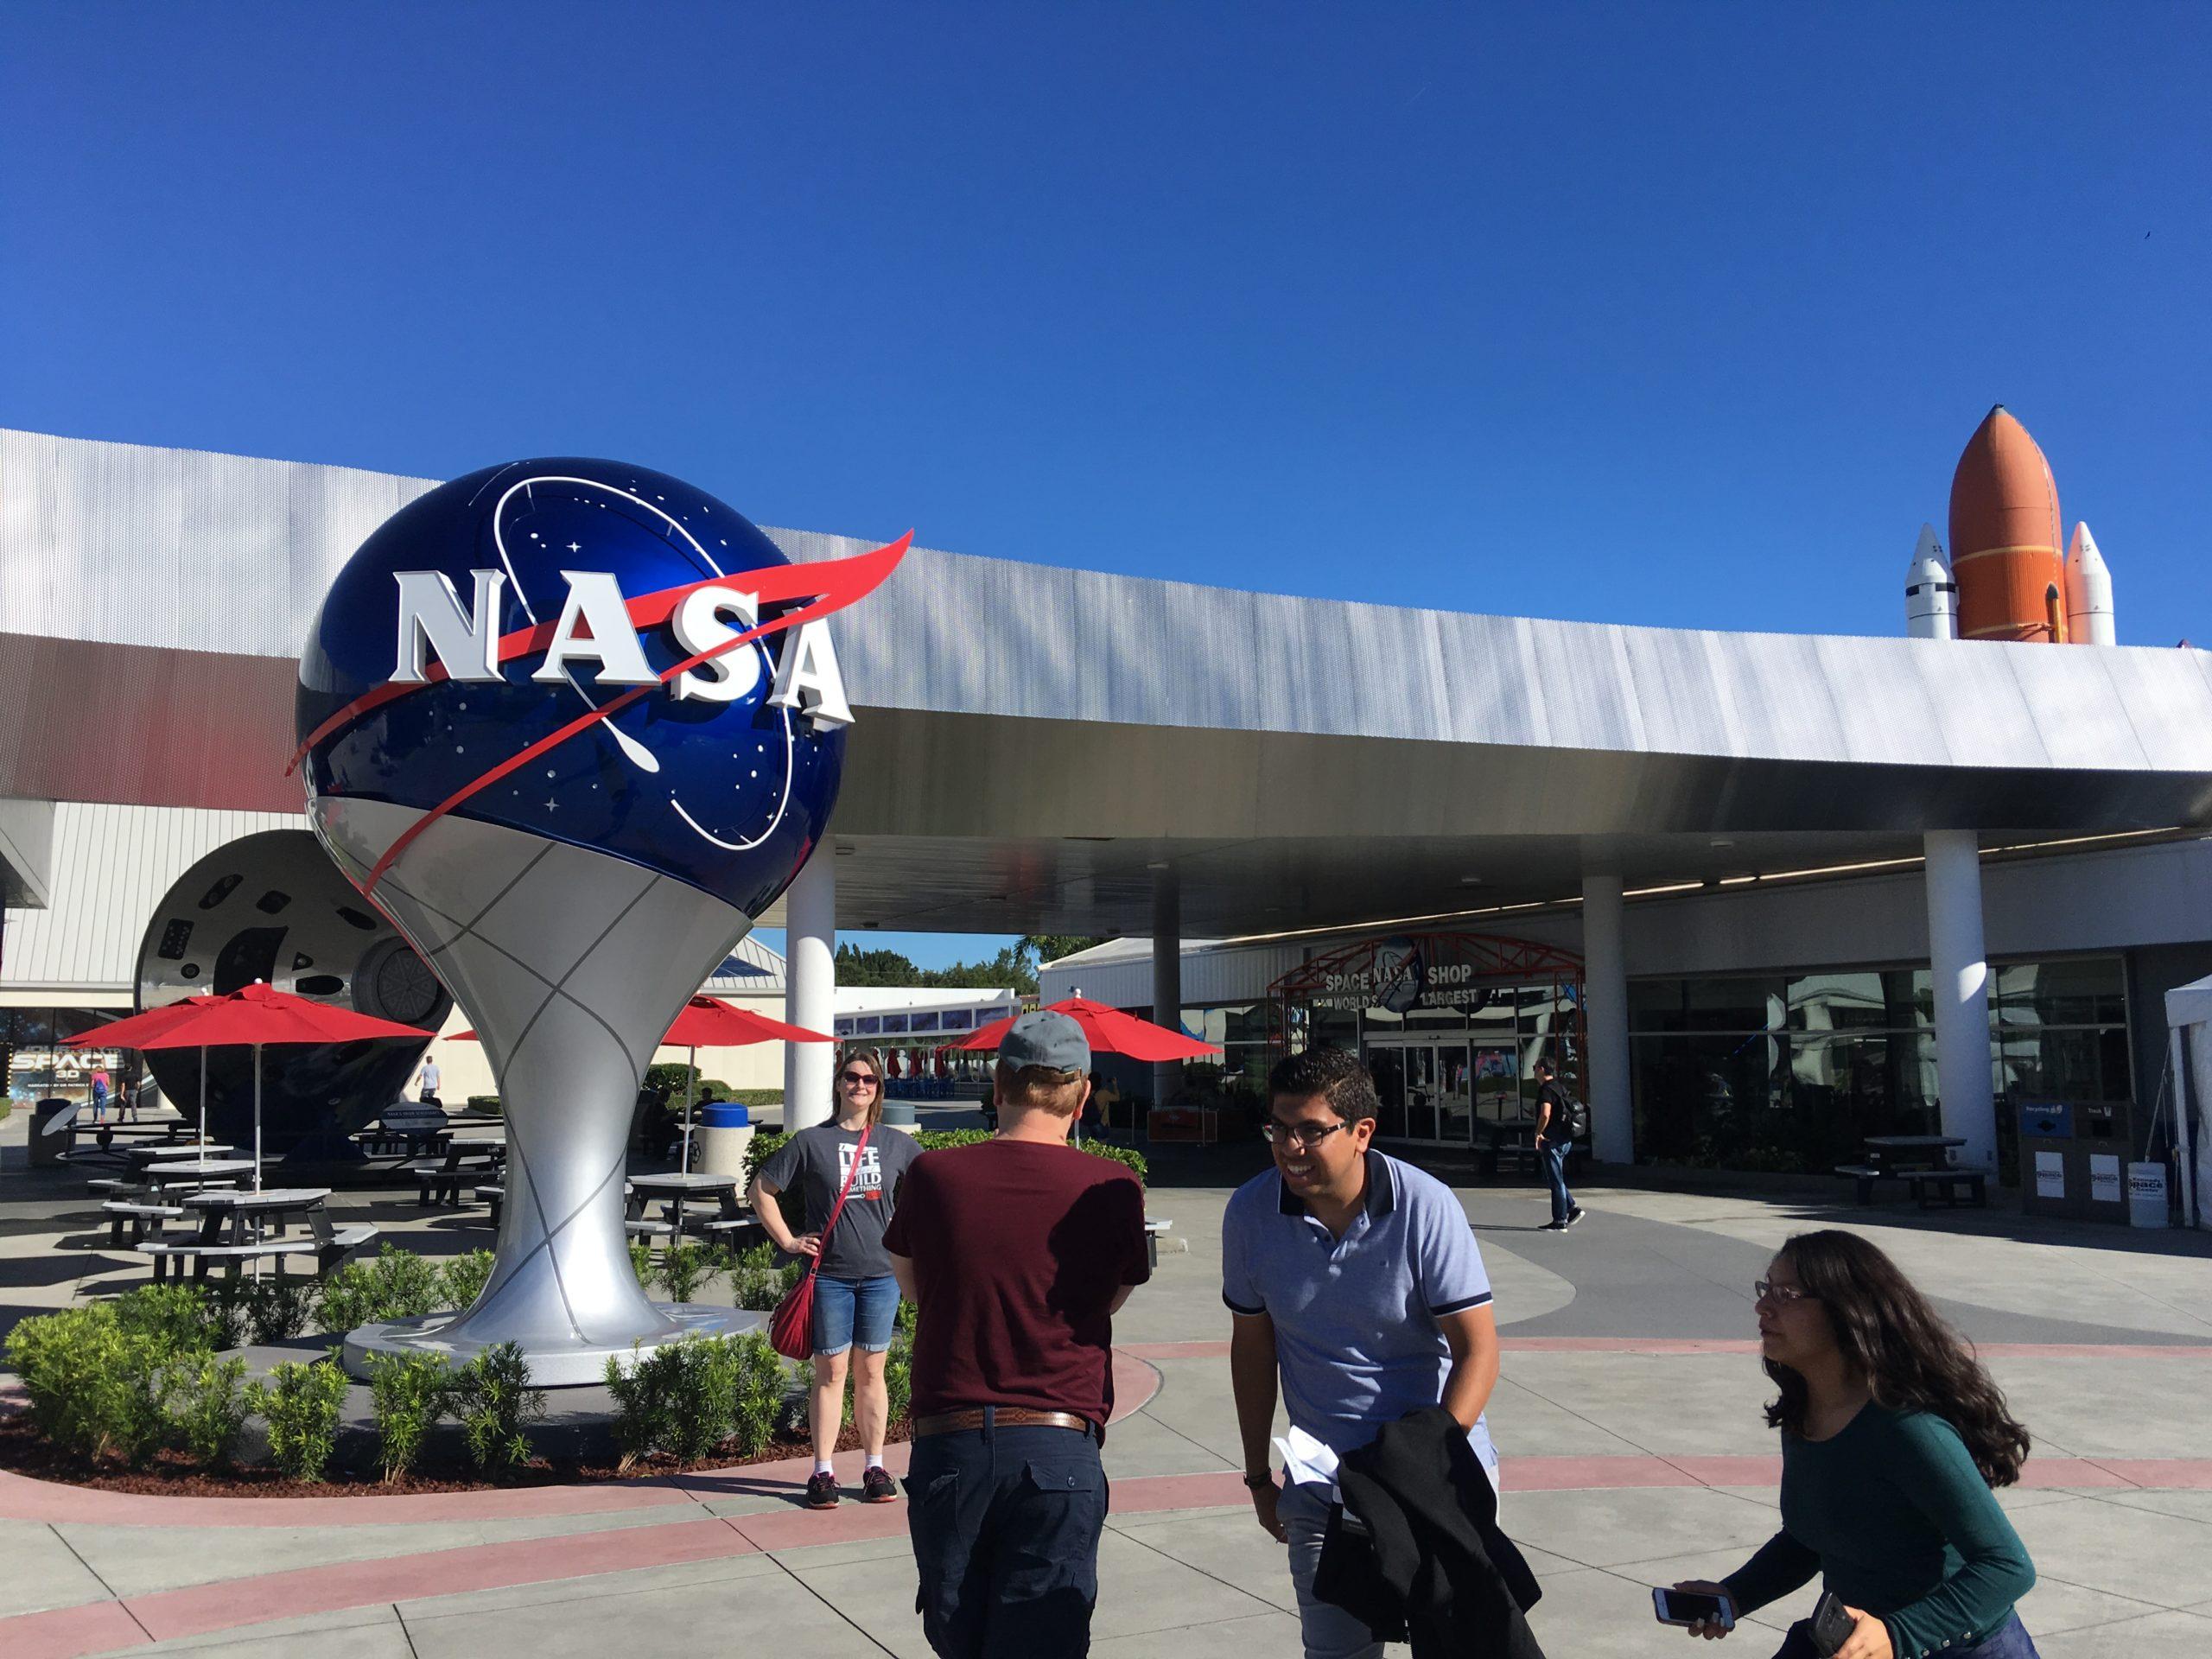 NASAケネディ宇宙センター観光【バスツアーで発射台へ】